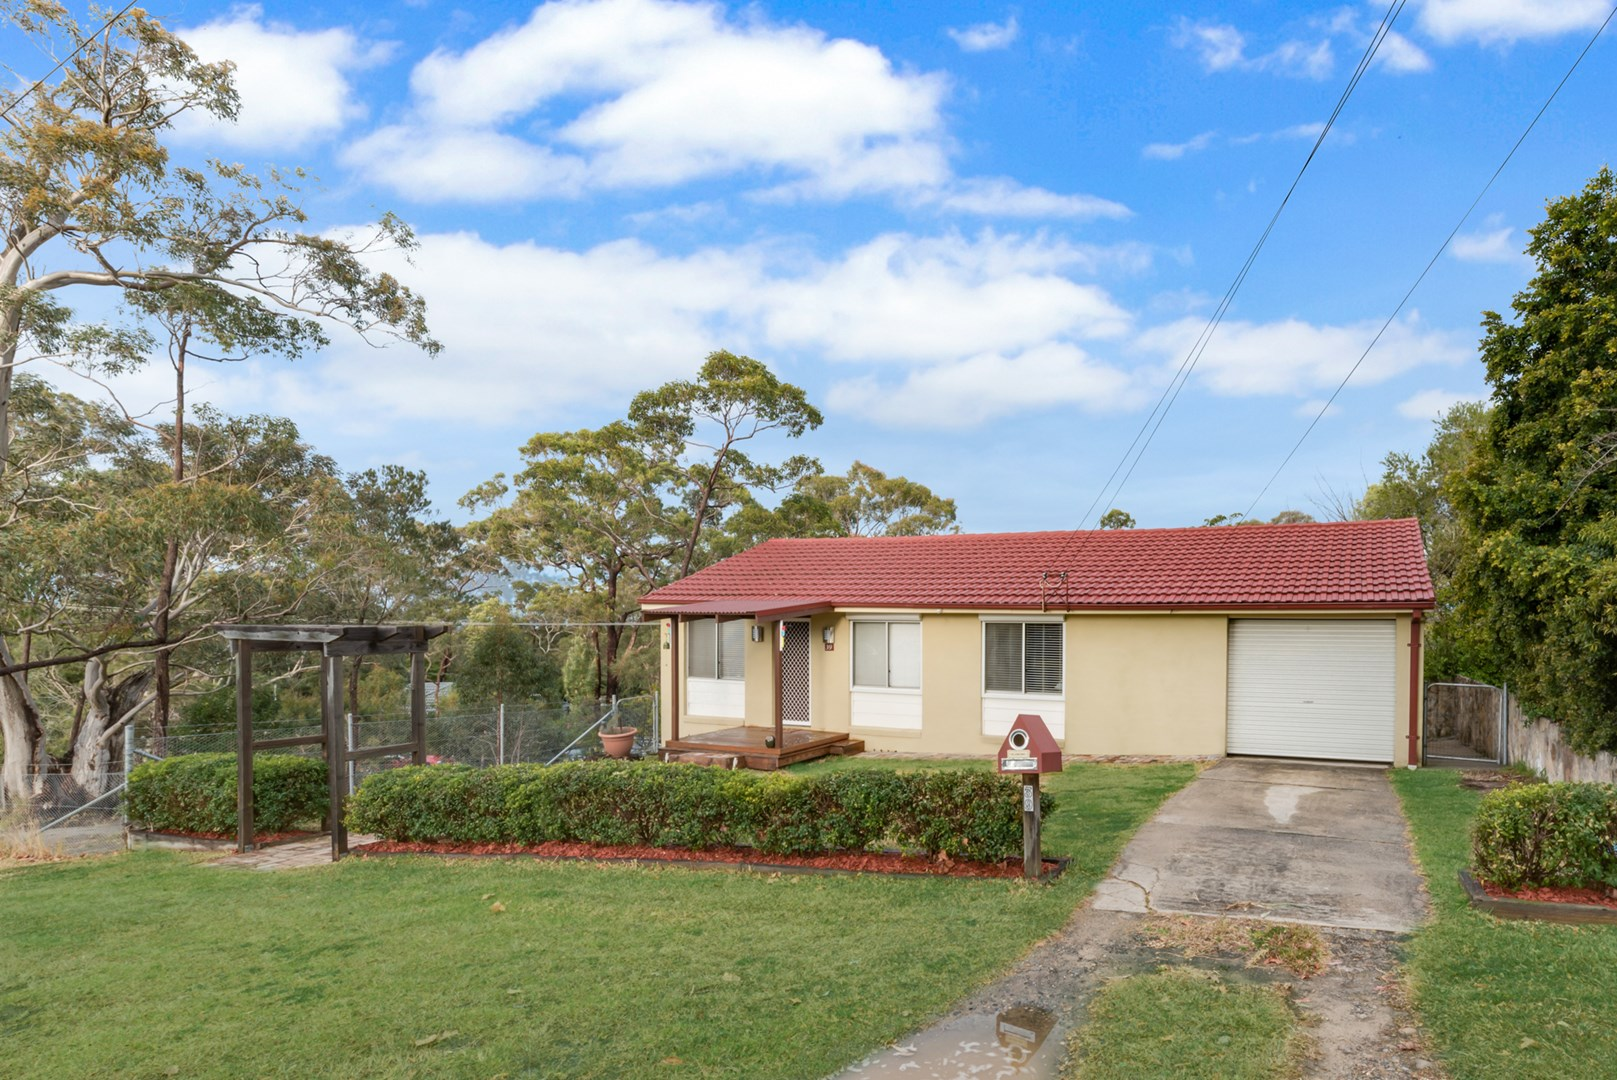 39 Adeline Street, Faulconbridge NSW 2776, Image 0